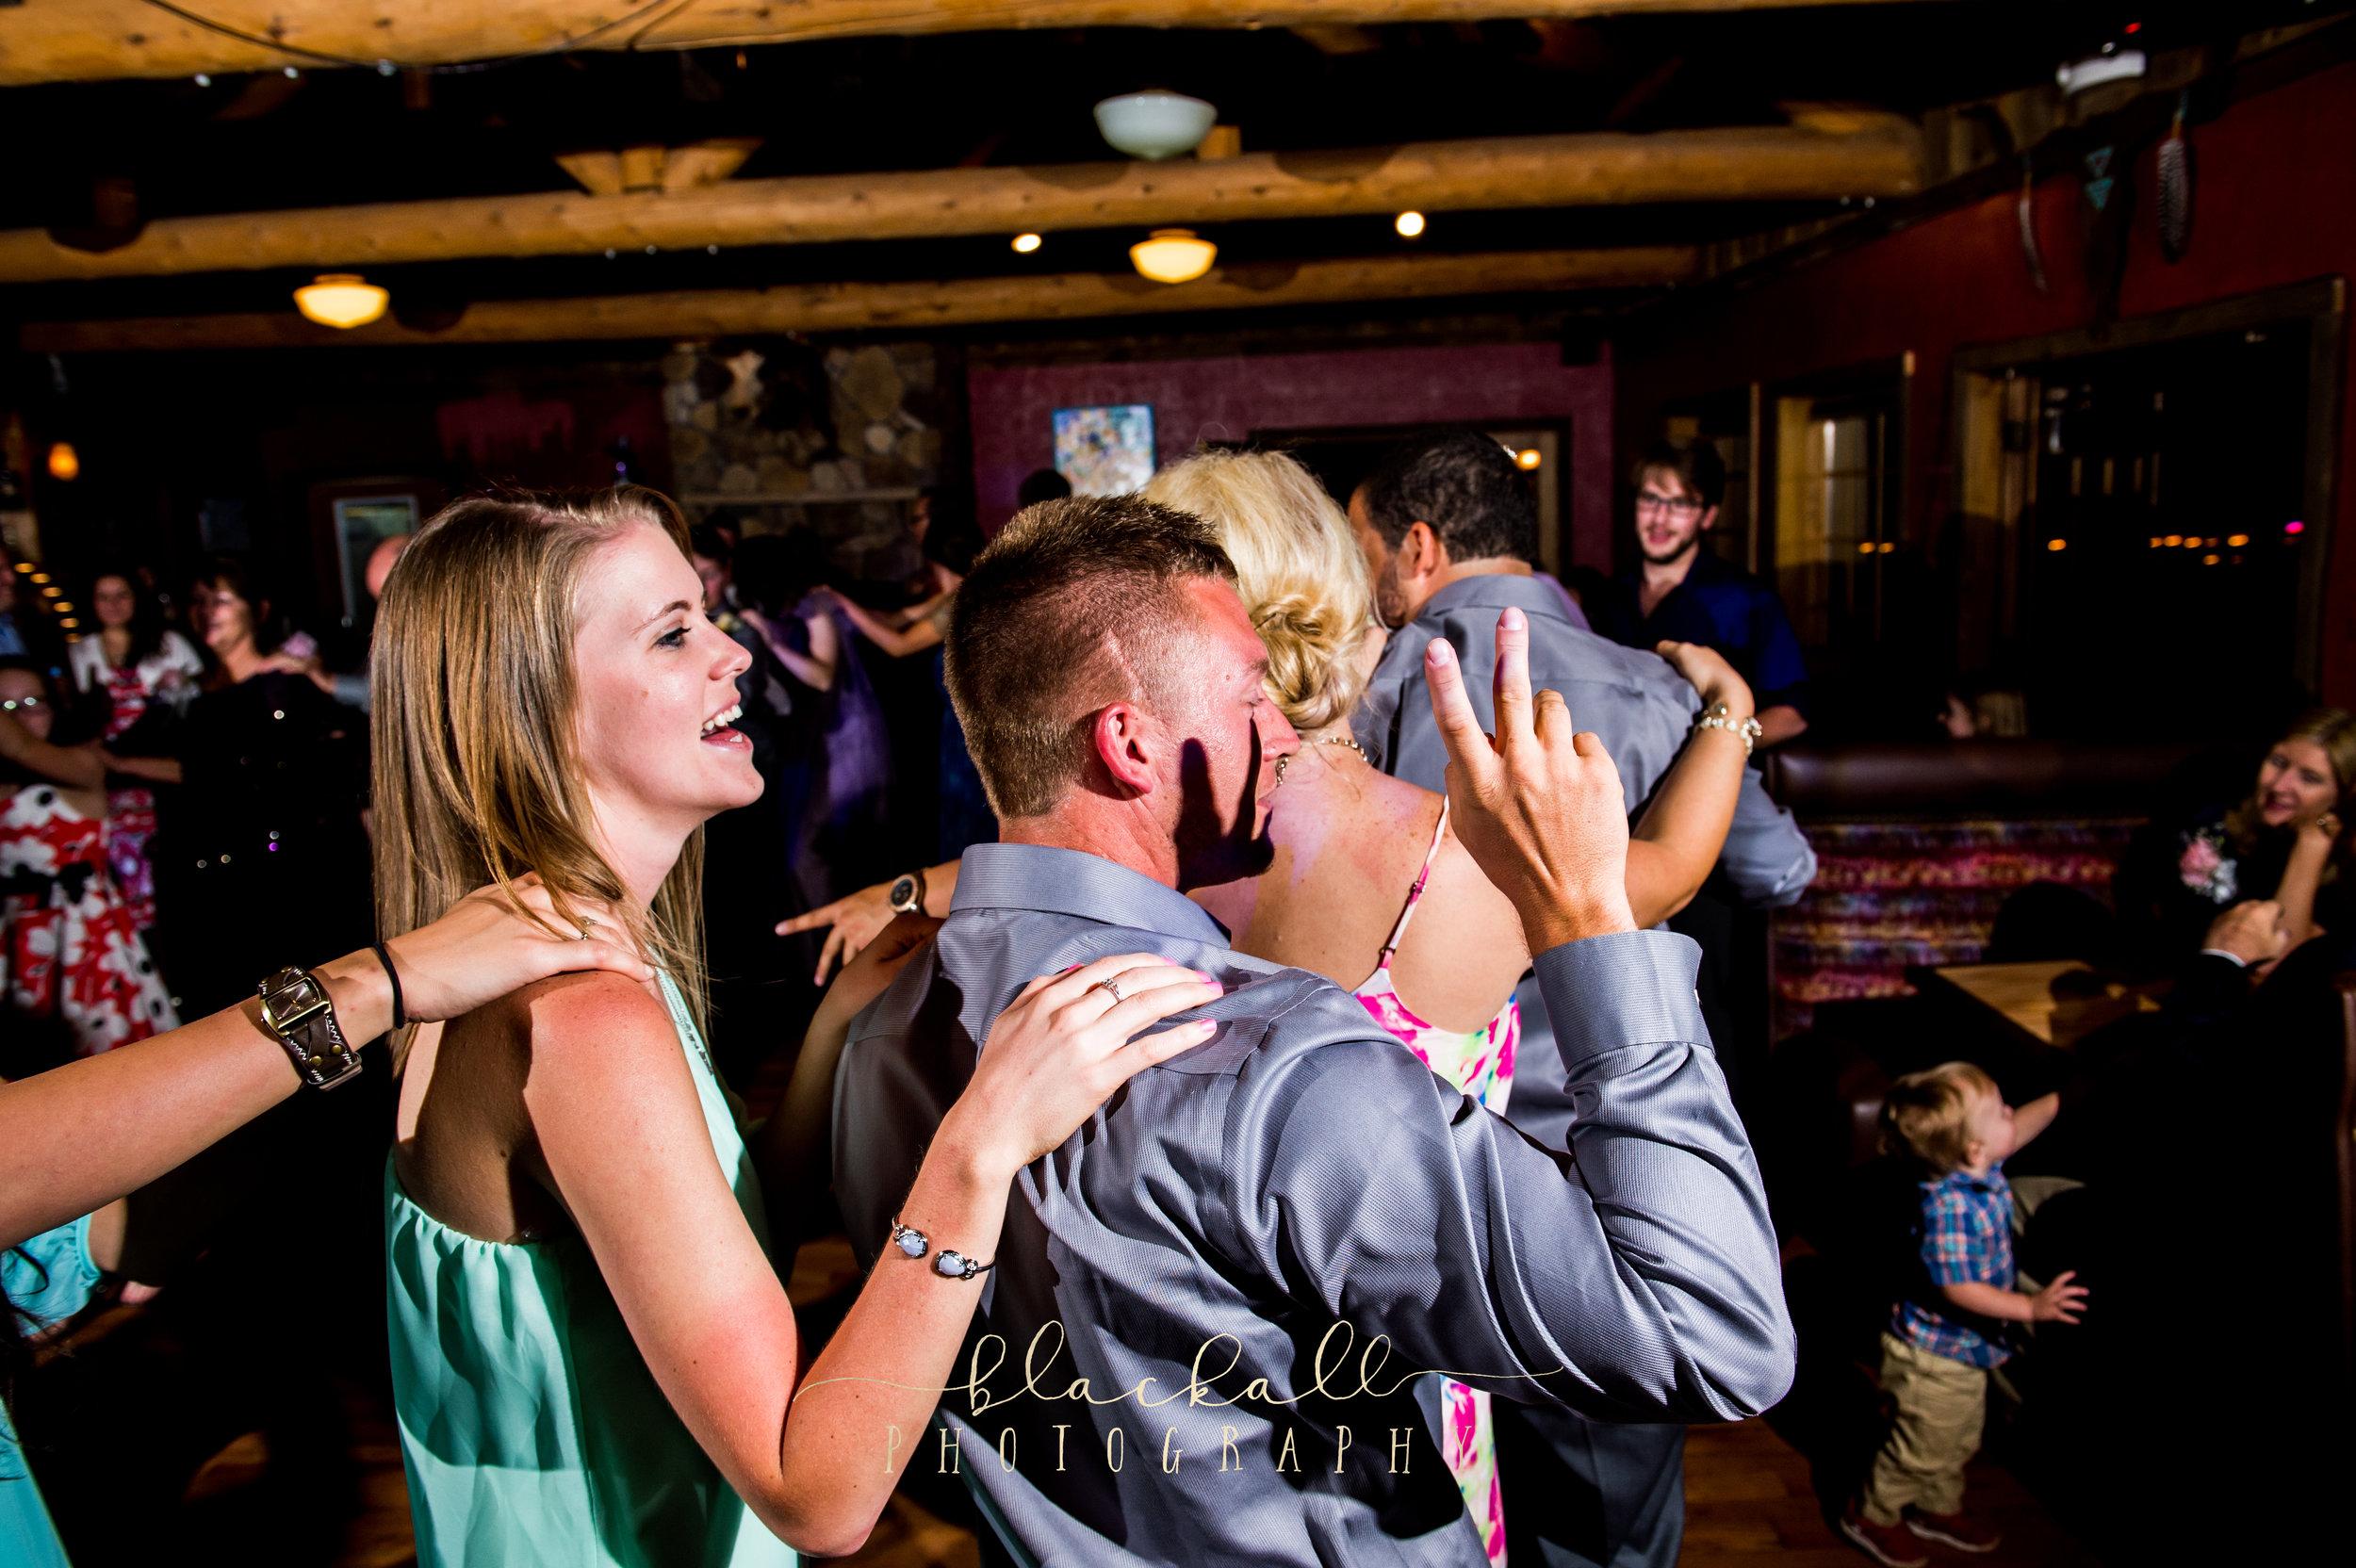 Photo of Sarah & Taylor at Matt & Caity's reception! Cuchara, Co. 2015